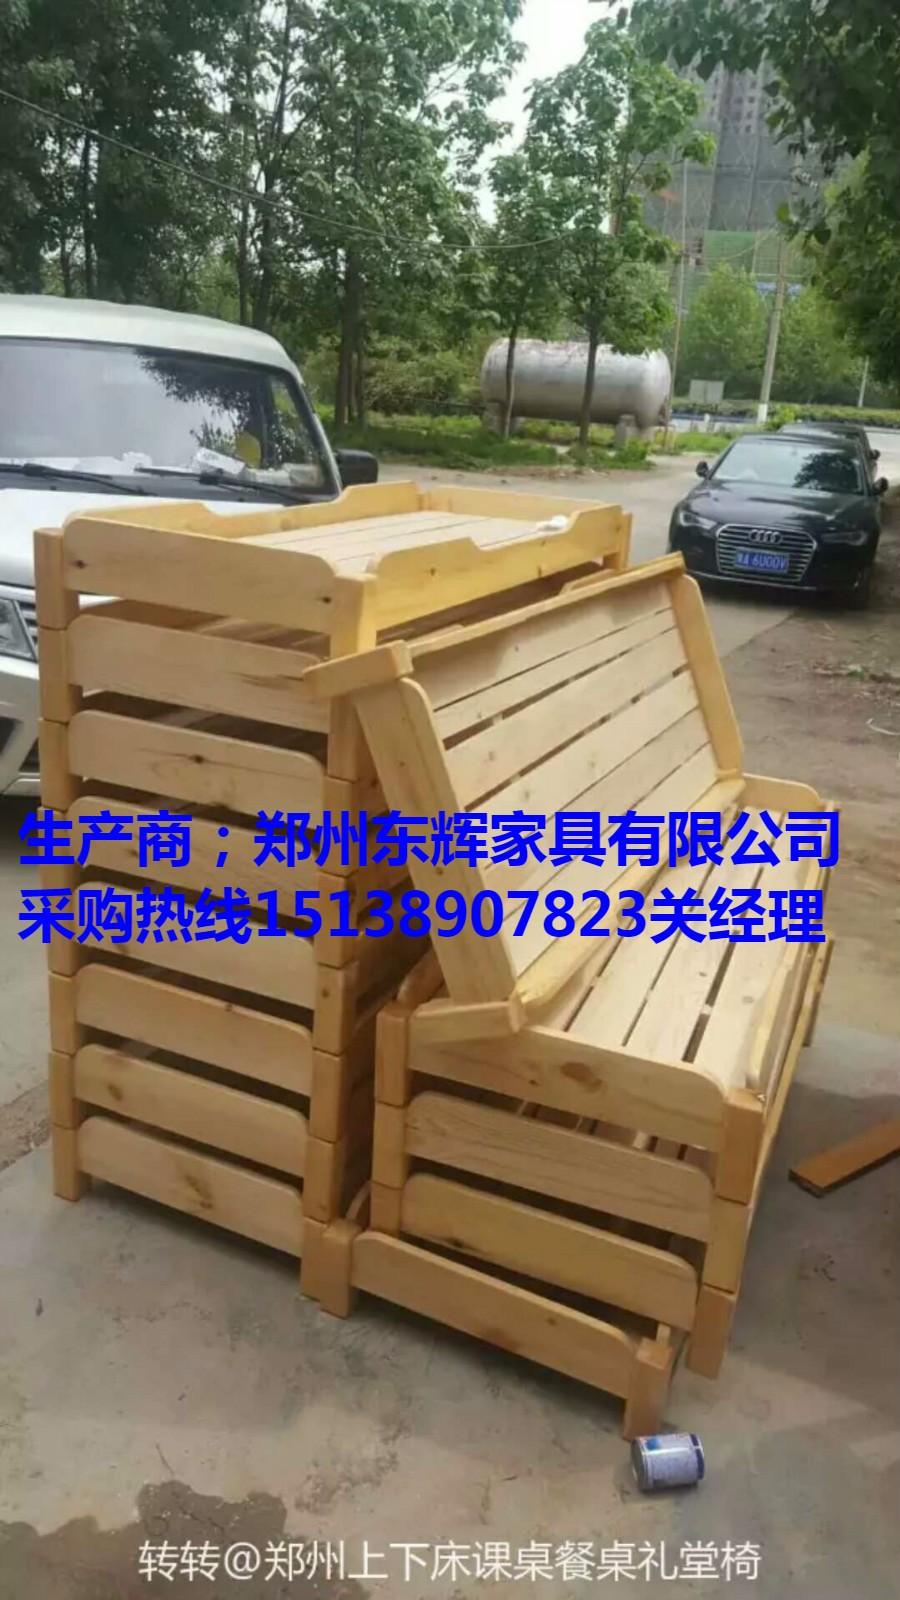 385416906853335620_meitu_18.jpg